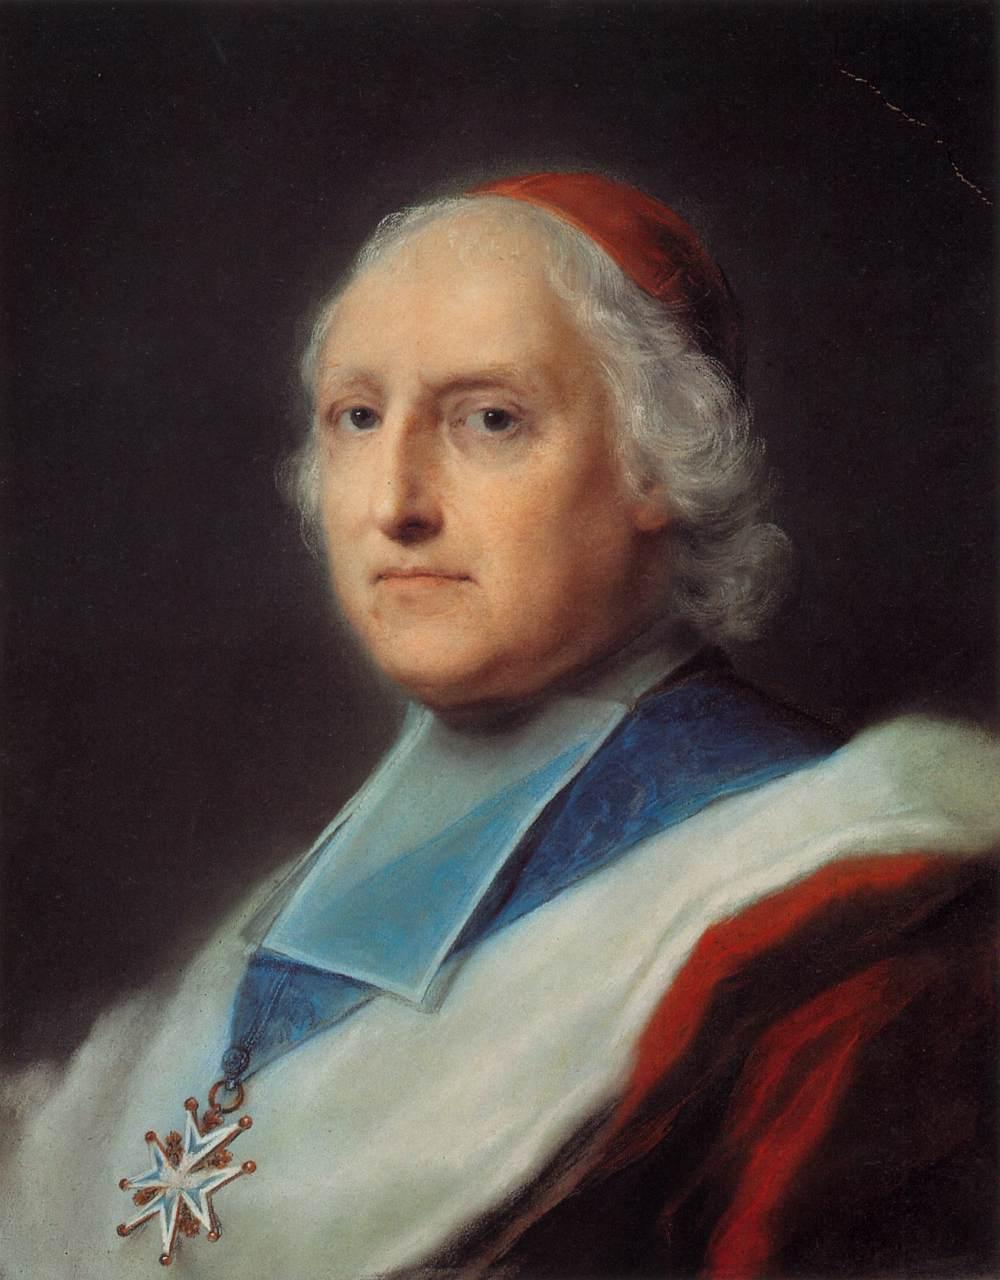 Ritratto del Cardinale Melchior de Polignac